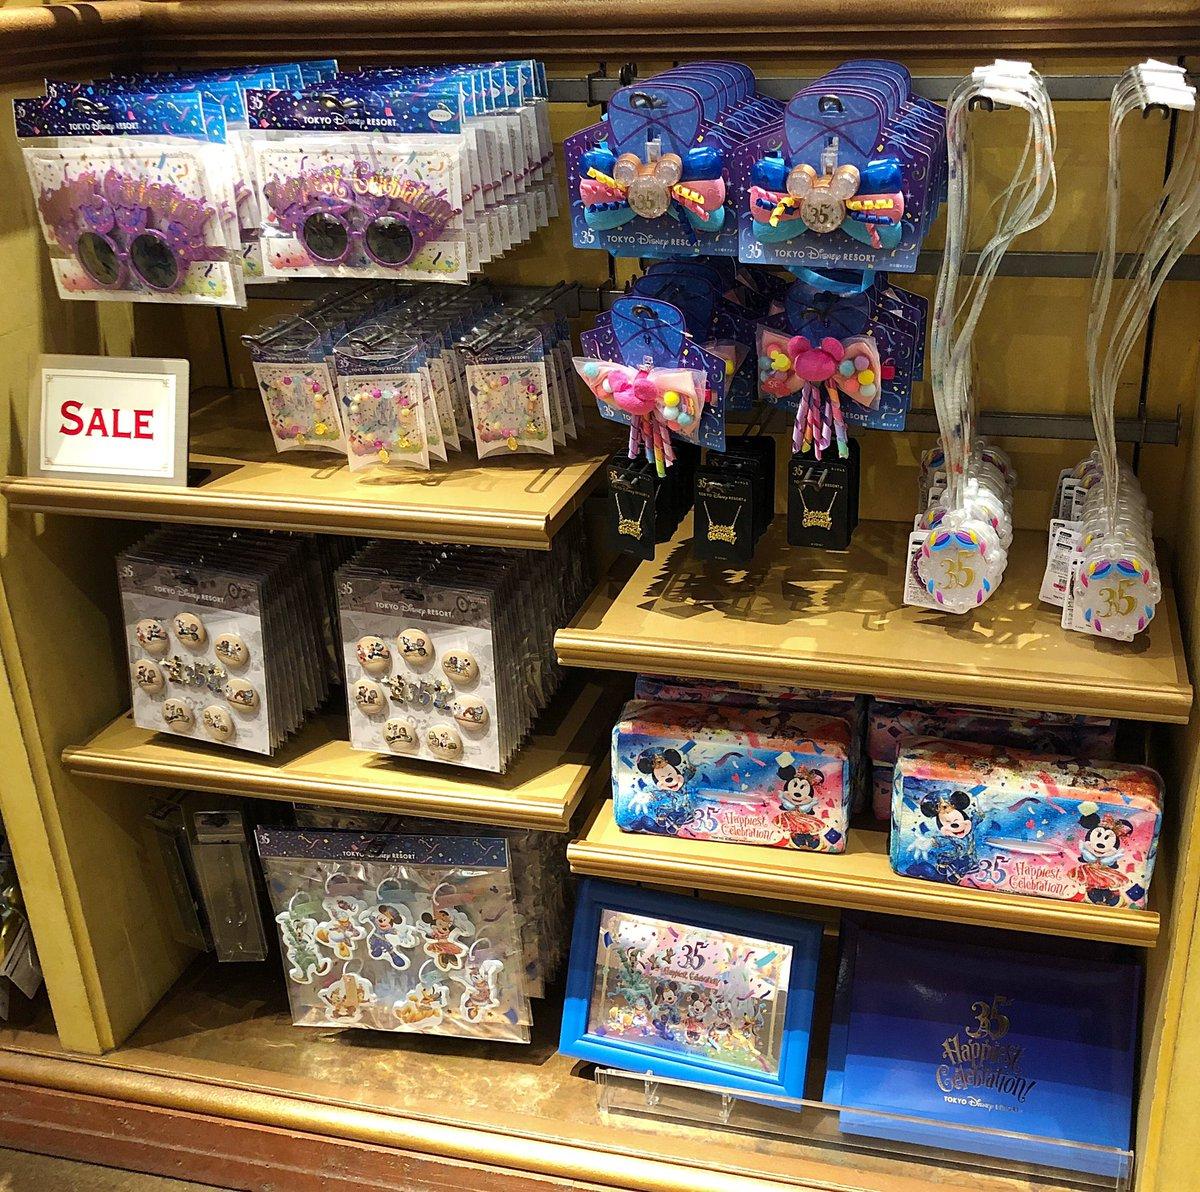 ブログ ディズニー グッズ 【公式】懐かしの思い出グッズ 東京ディズニーリゾート・ブログ